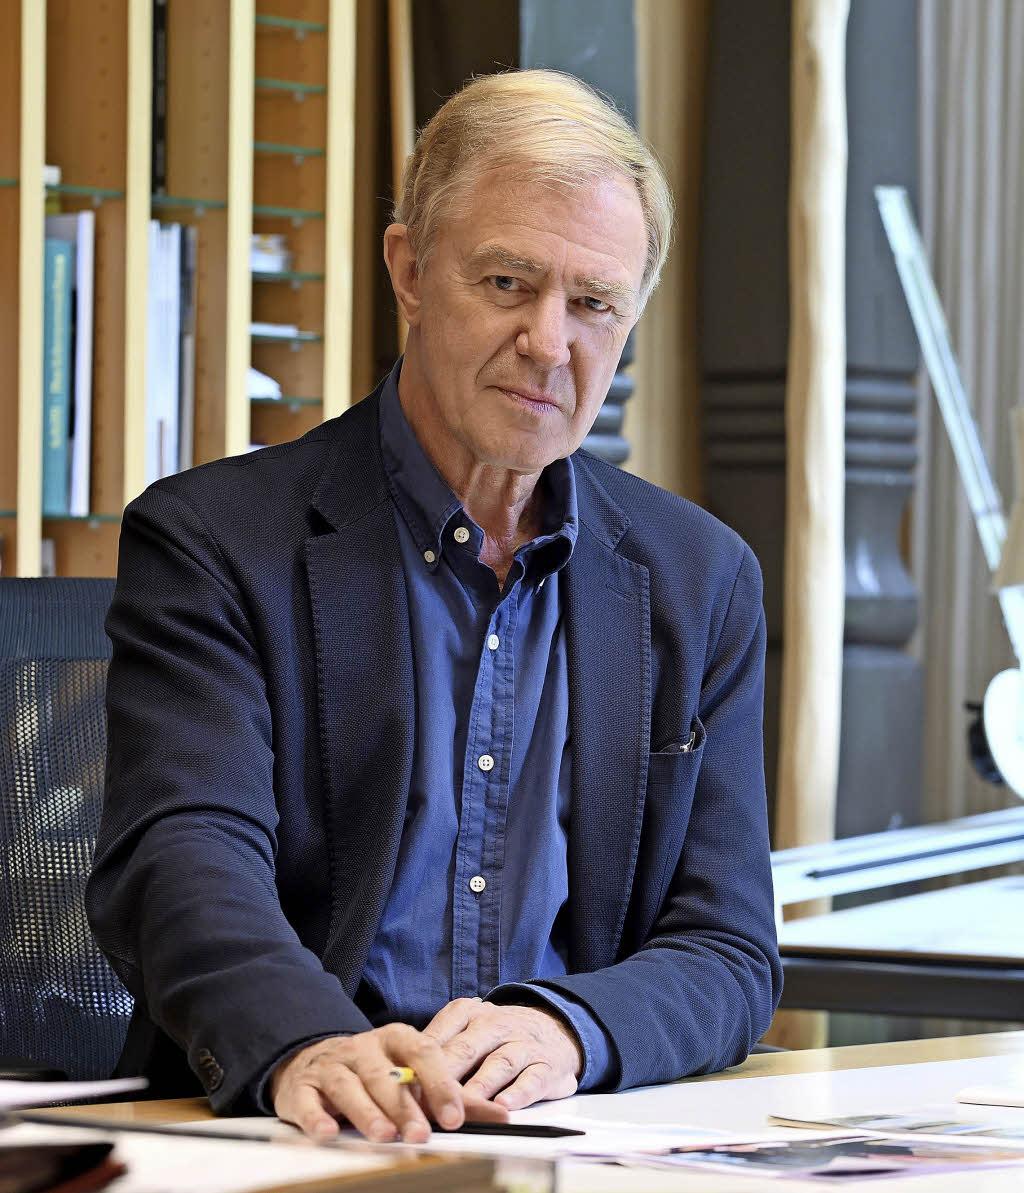 Architekt Emmendingen architekt carl langenbach die werkgruppe lahr in jüngere hände übergeben lahr badische zeitung